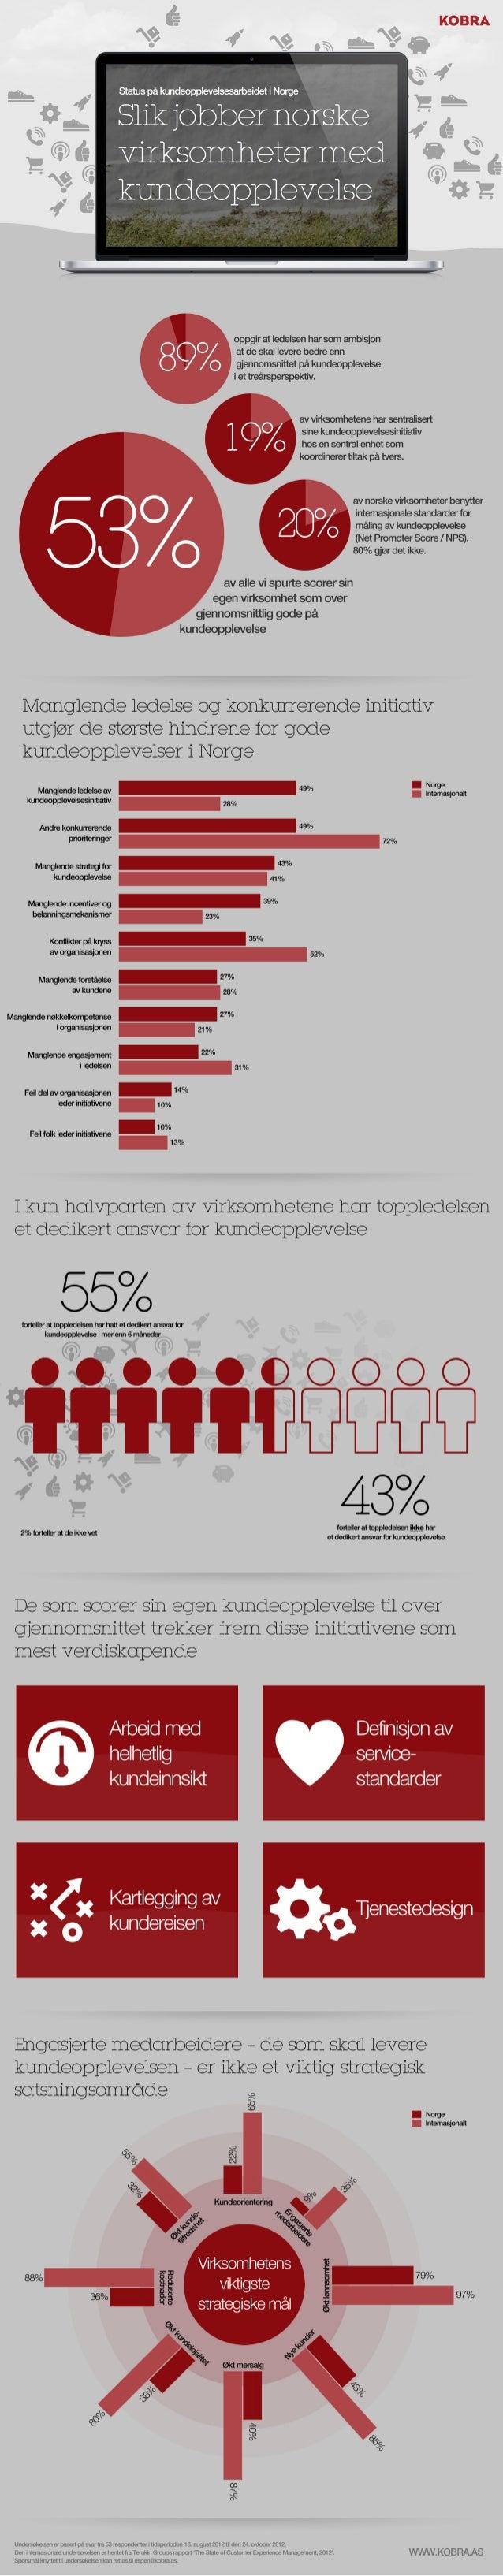 Status på arbeidet med kundeopplevelse i Norge